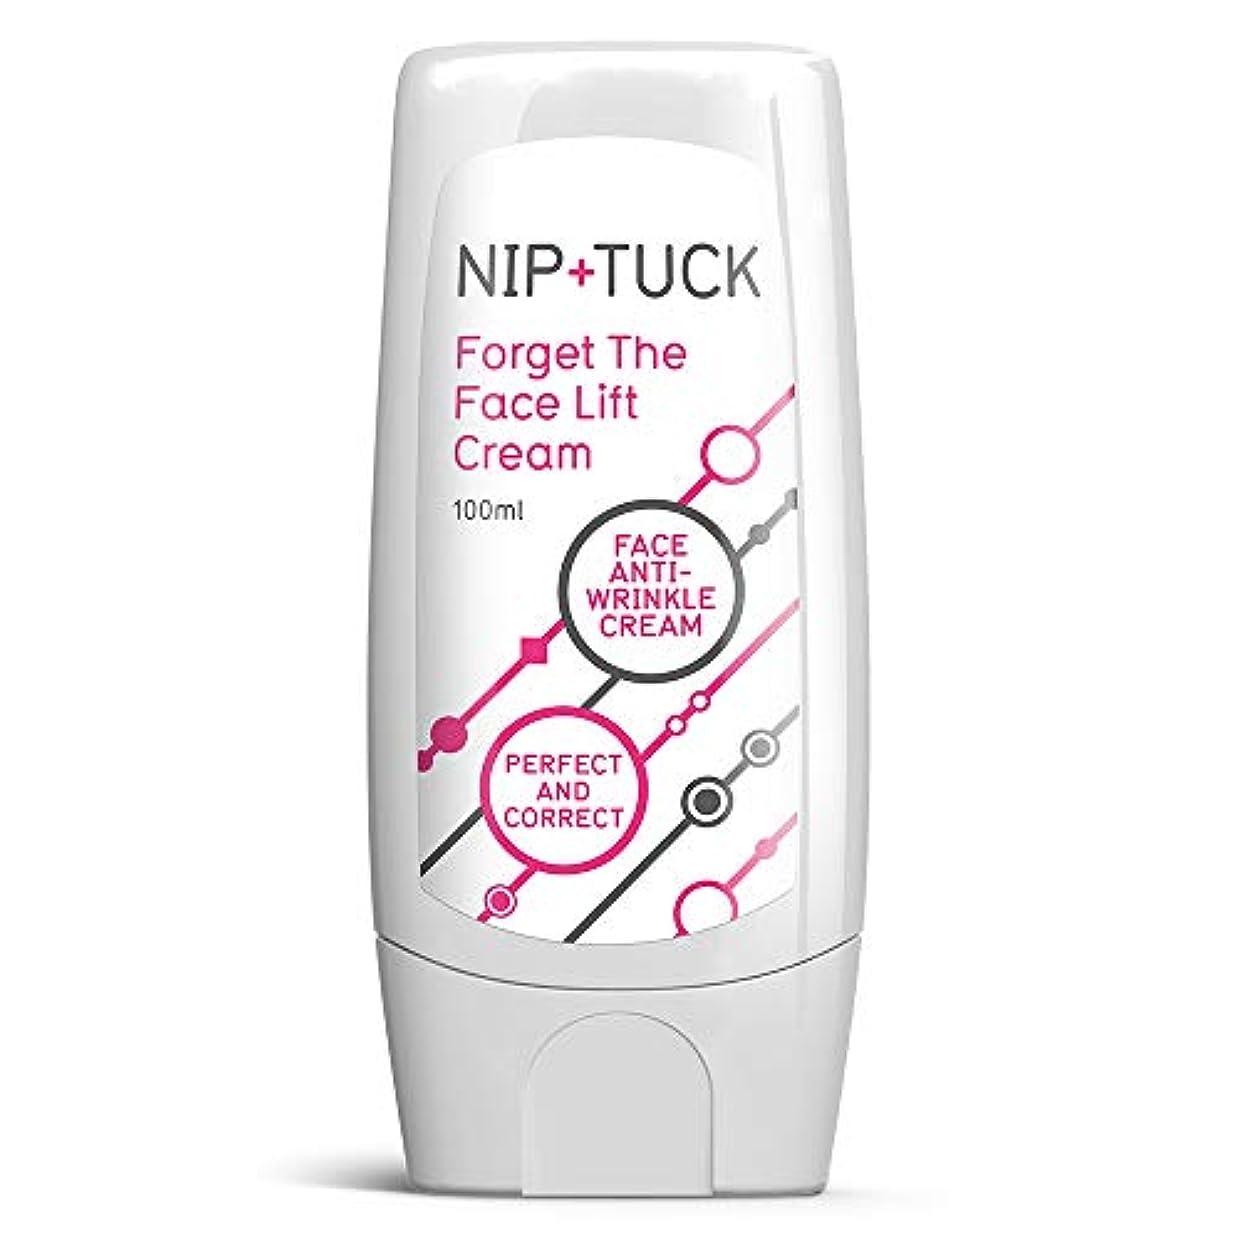 メキシコ北ロマンチックNIP & TUCK FORGET THE FACELIFT CREAM Nippu& takku wa, anchikurinkufeisu& anchirinkurukurīmufāmu& 若く見える肌を